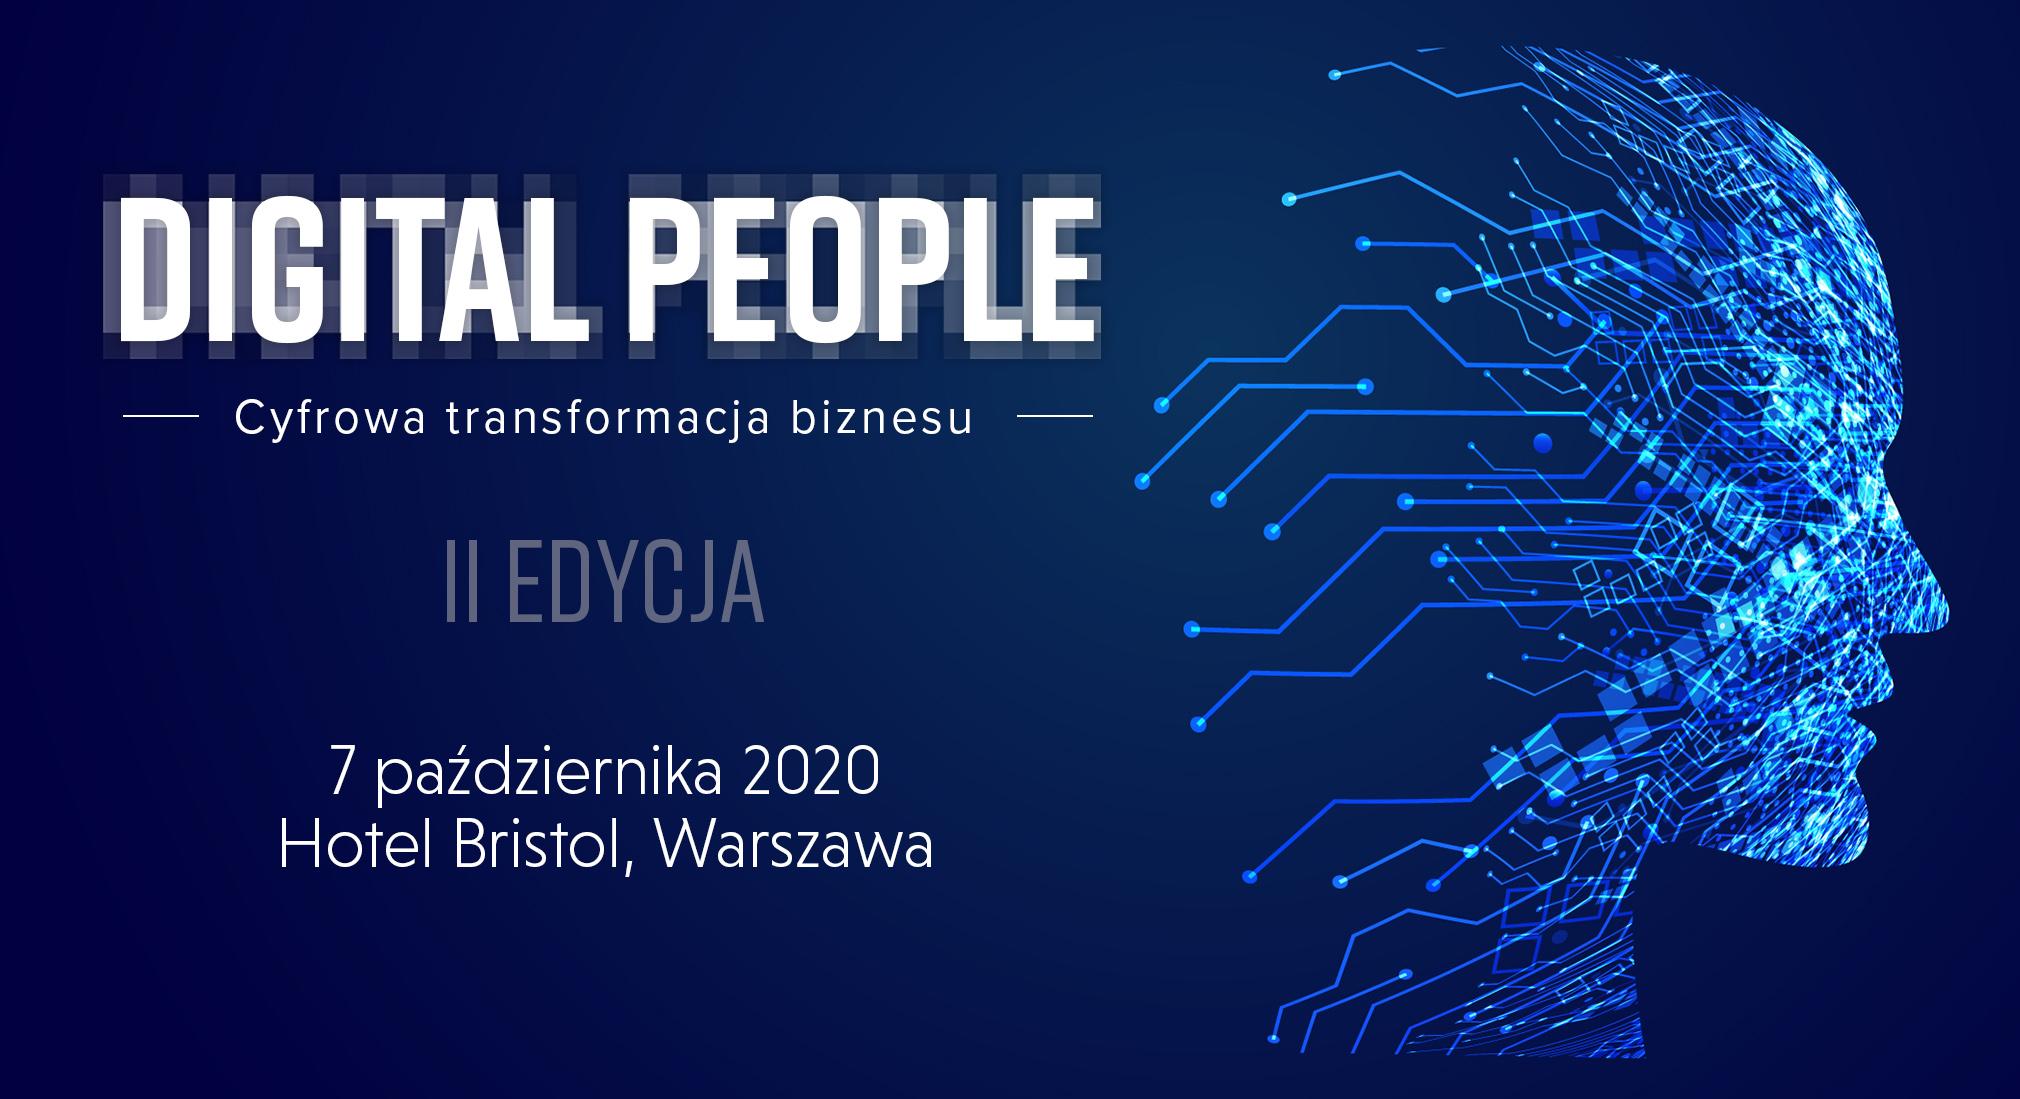 Digital People baner PL